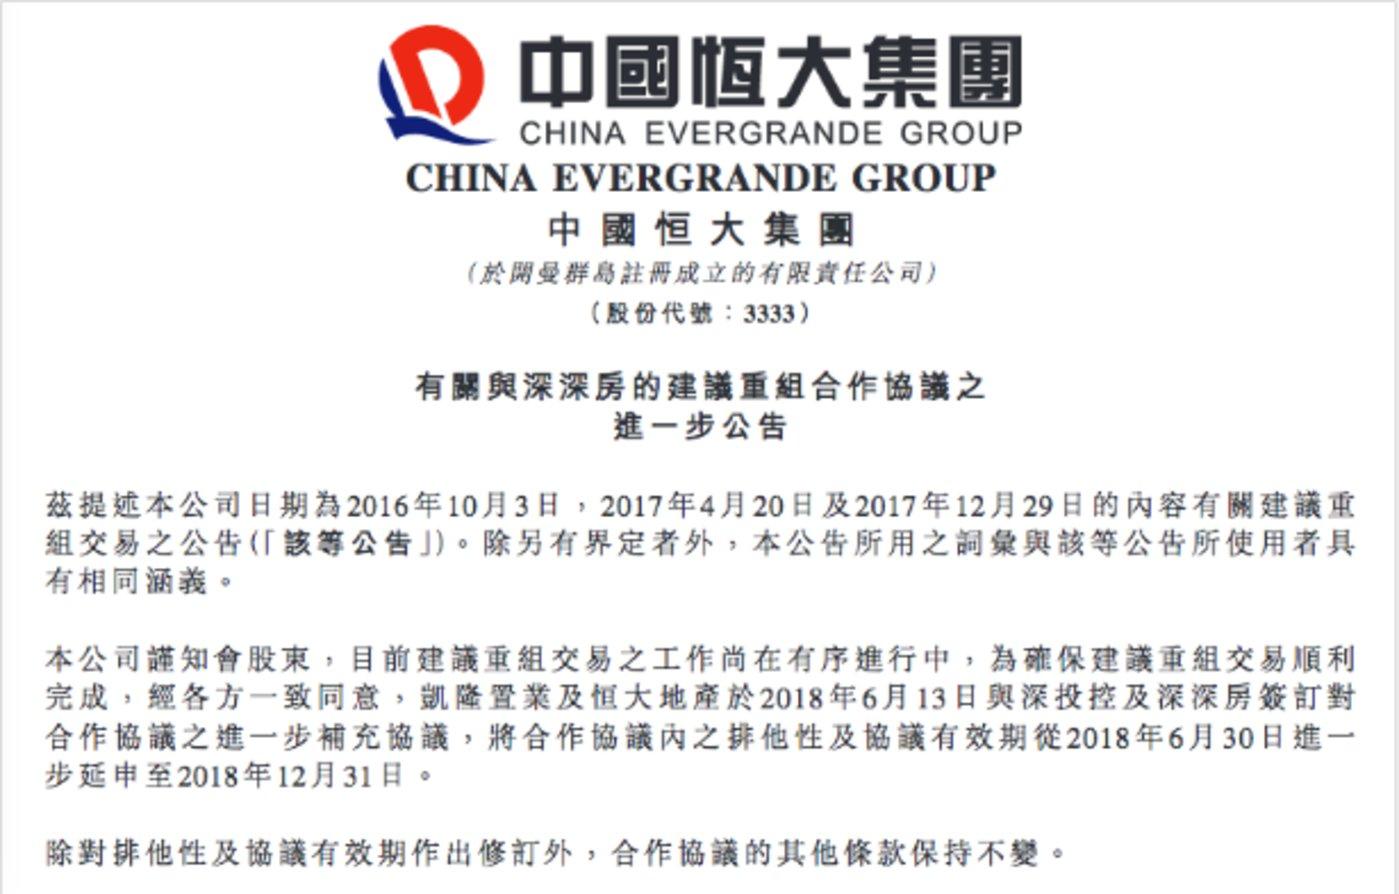 中国恒大集团发布的重组延期公告